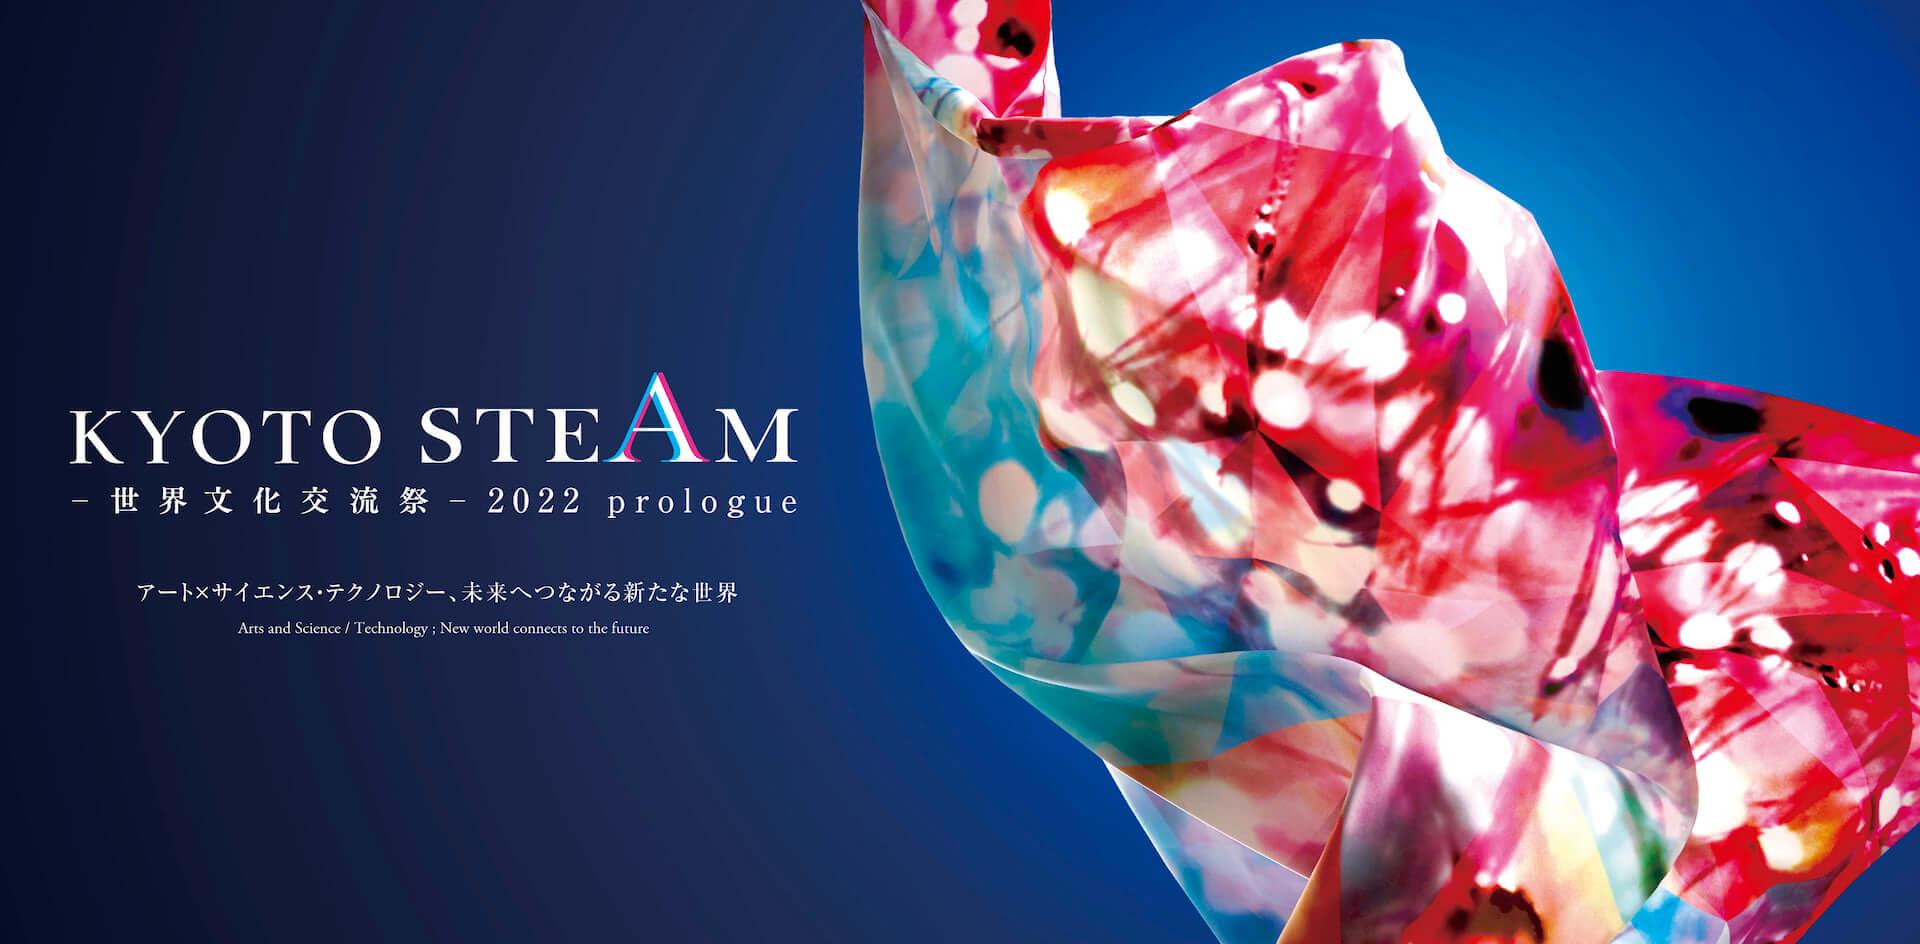 <KYOTO STEAM -世界文化交流祭- 2022 prologue>が開催決定!<MUTEK.JP>とのコラボプロジェクト「NAQUYO」やワークショップなど実施 art210309_kyoto-steam_3-1920x944